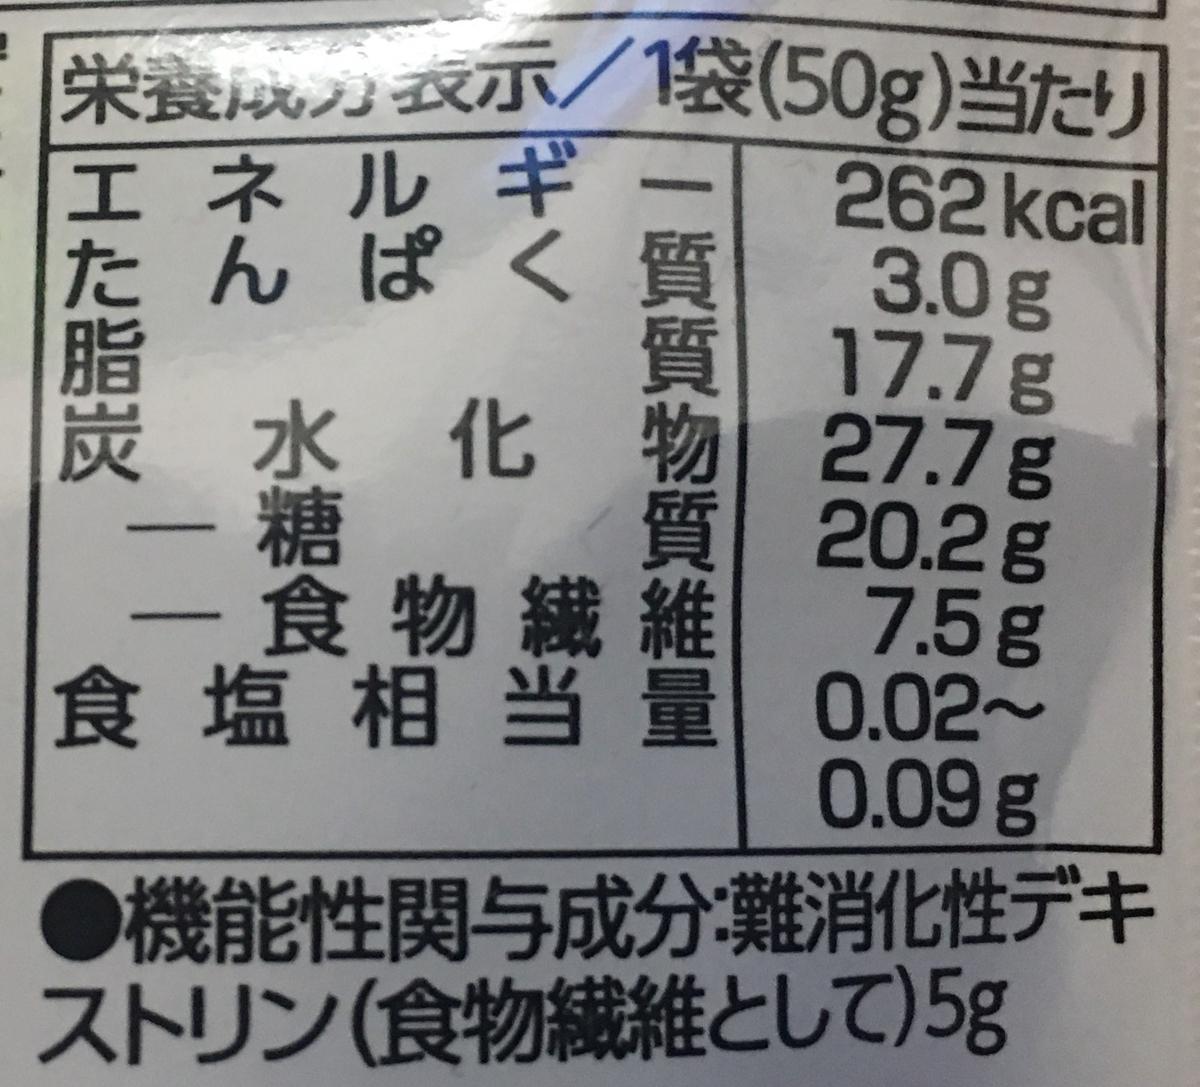 f:id:YOSHIO1010:20200214000213j:plain